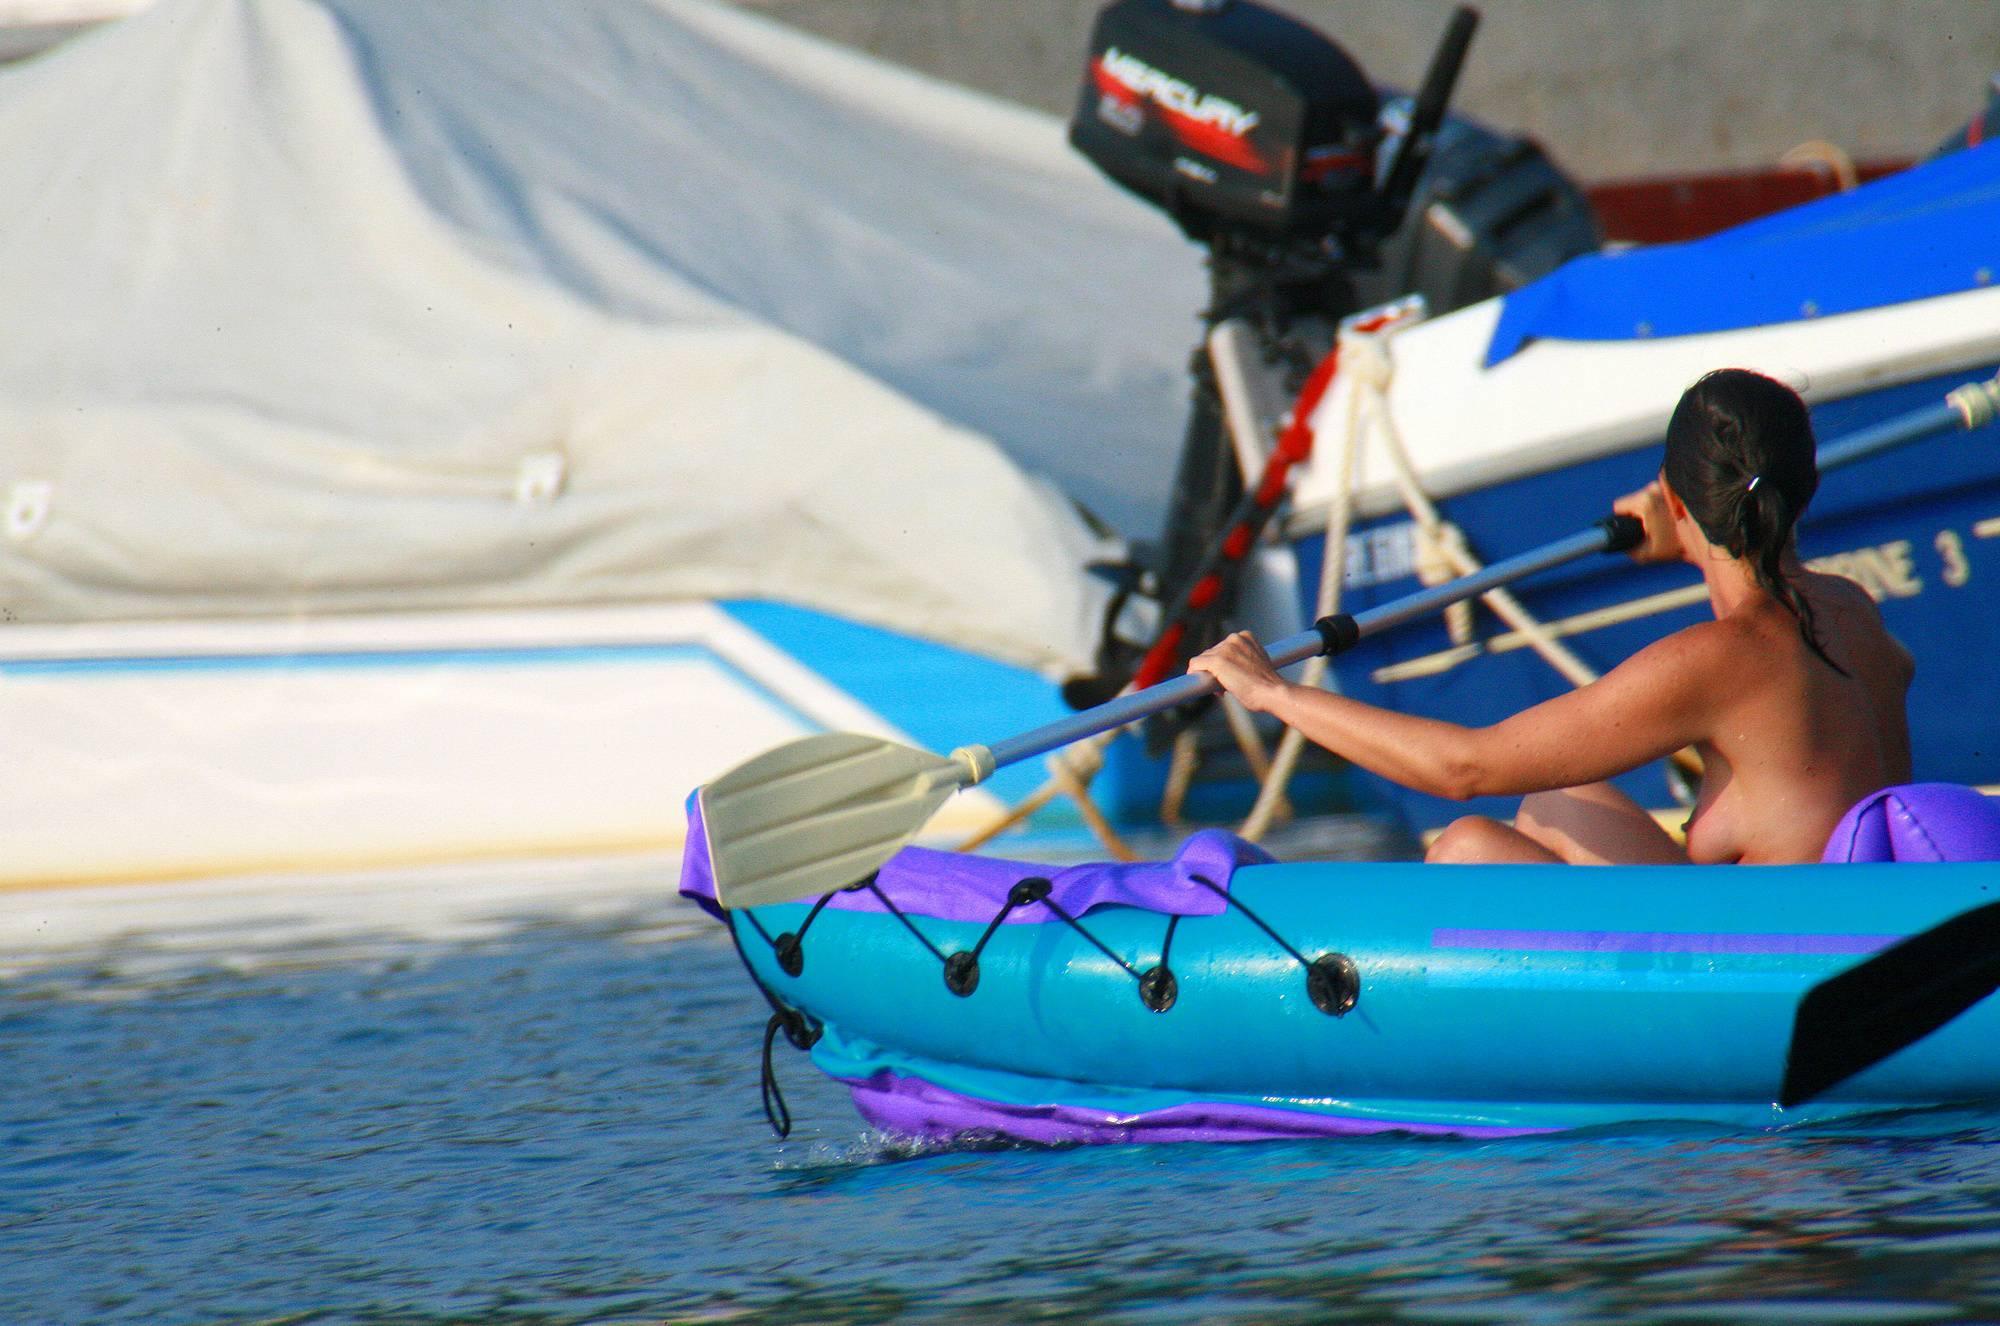 Uka FKK In-Water Boating - 1